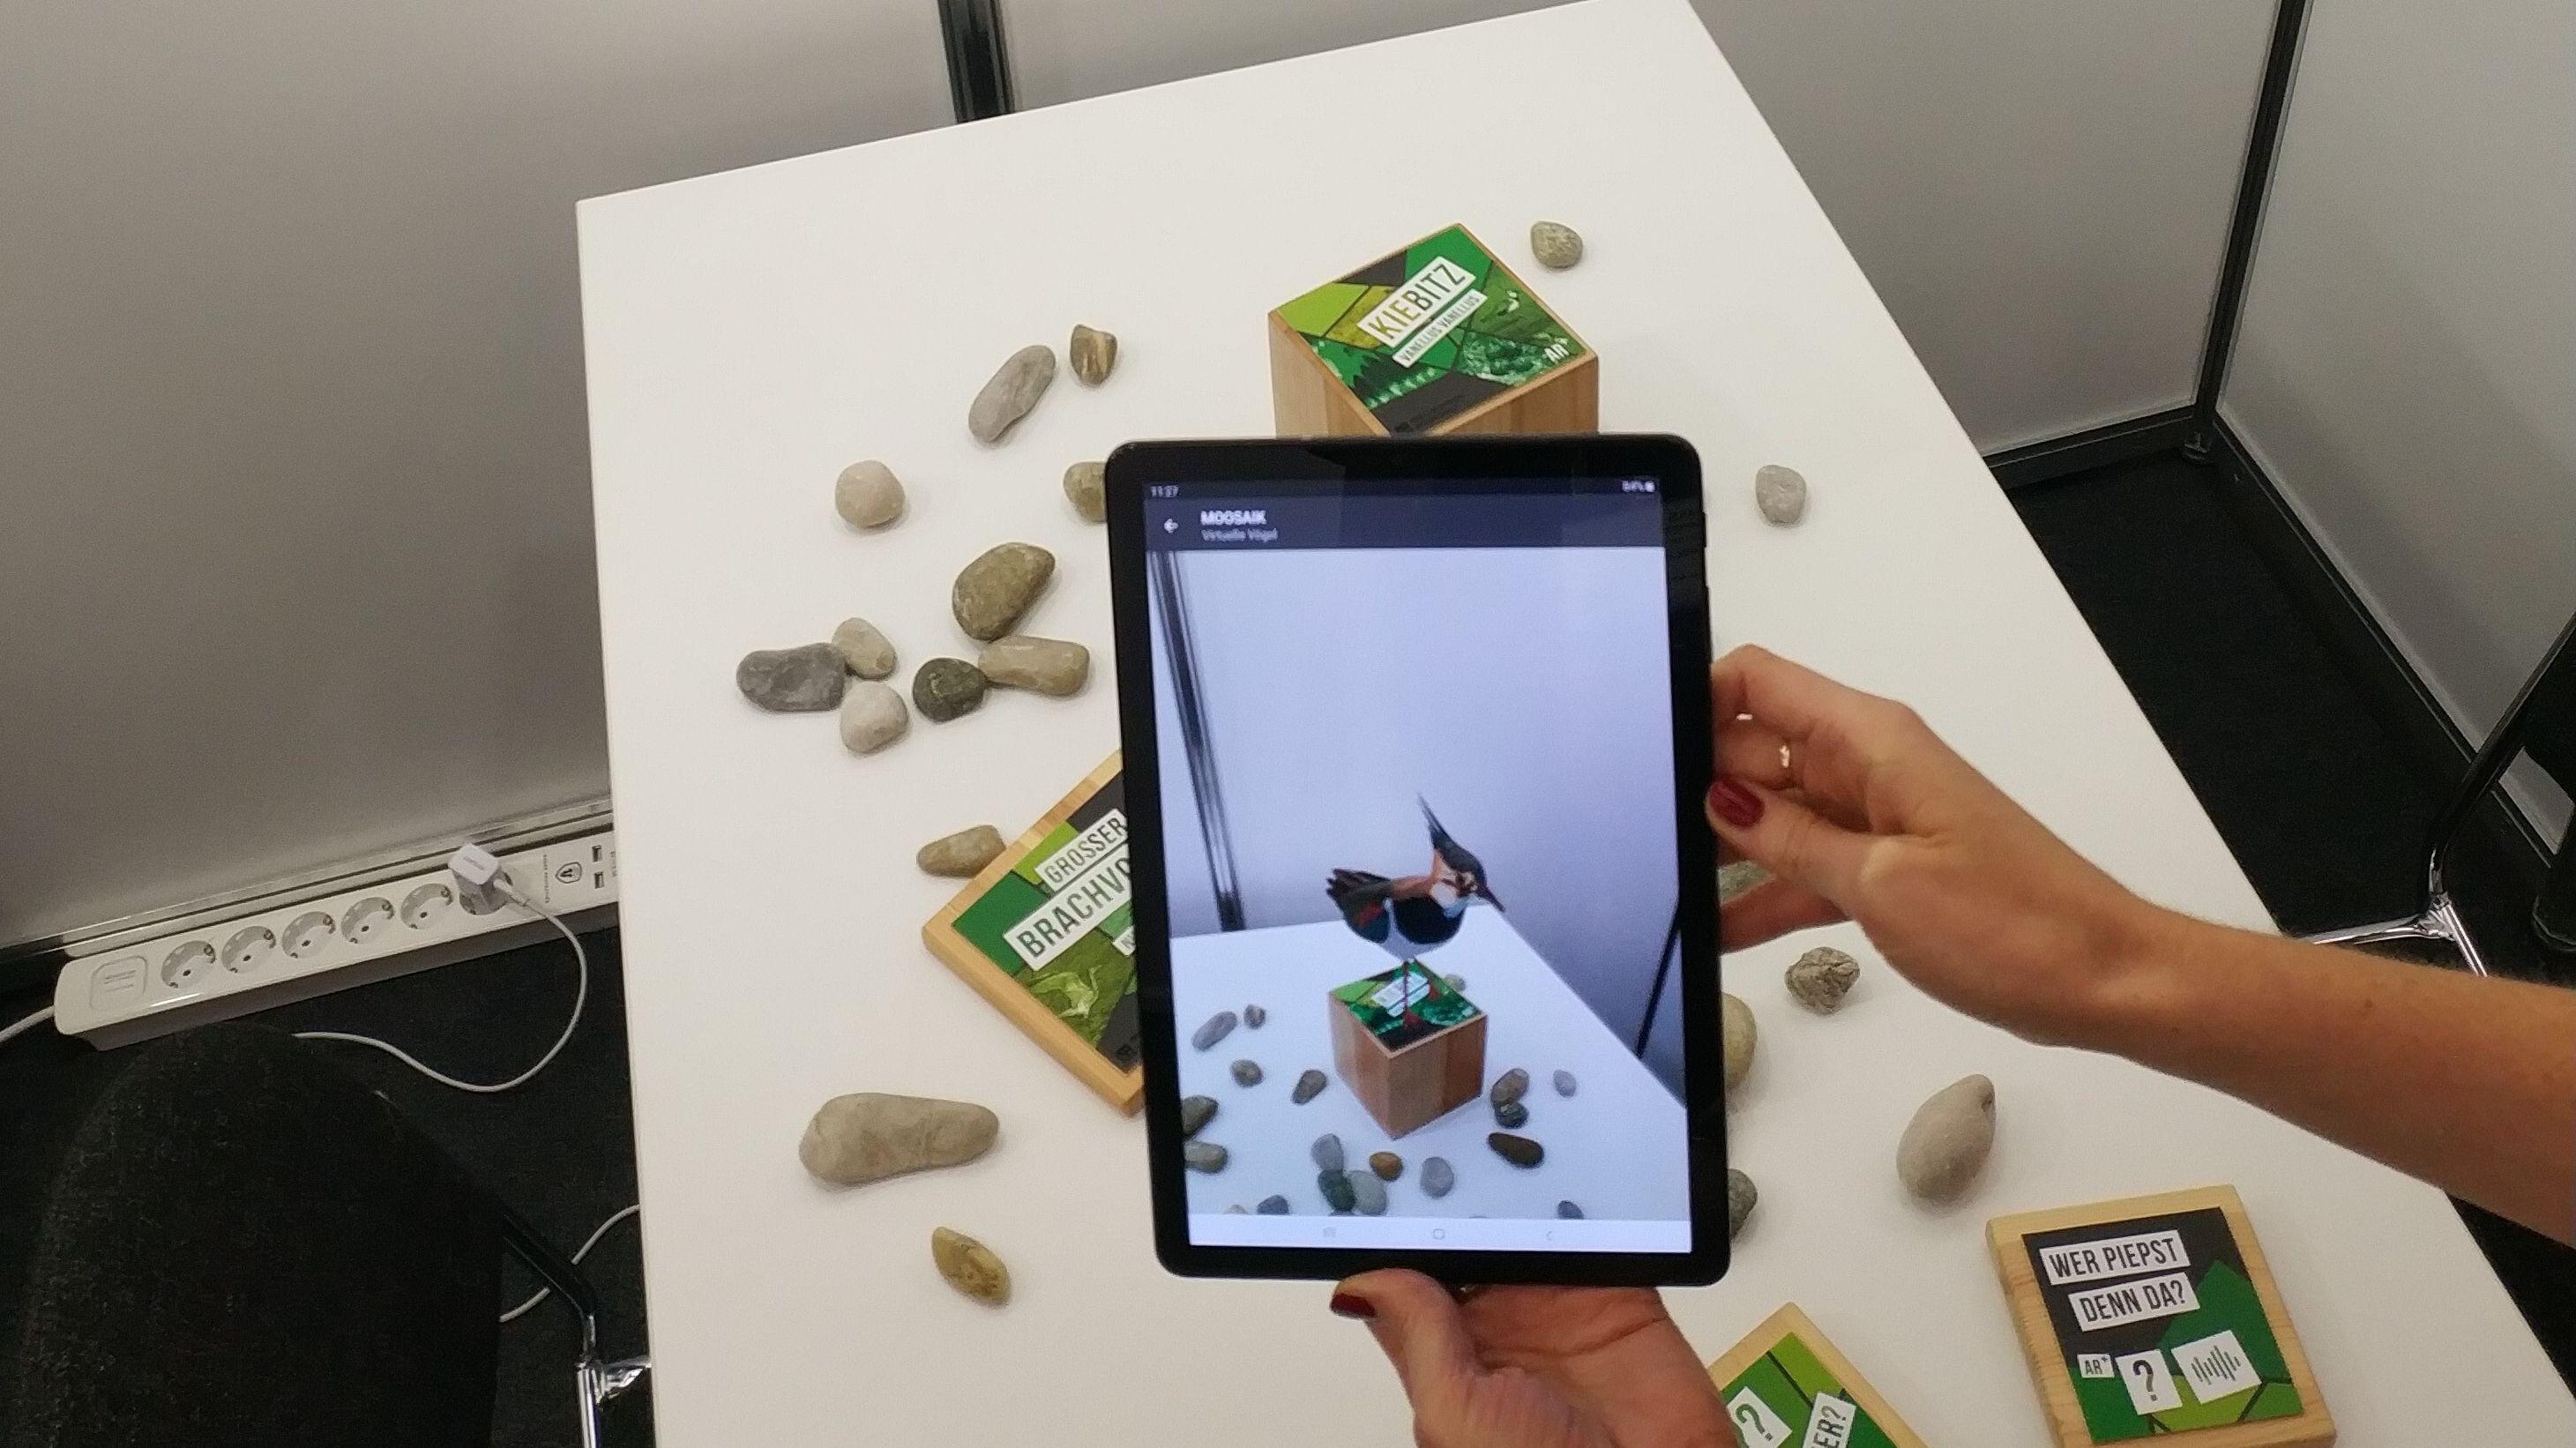 Eine Augmented-Reality-App reichert die Realität (Tisch) mit einem Kiebitz an. Der Vogel wird lebensgroß dargestellt und bewegt sich.